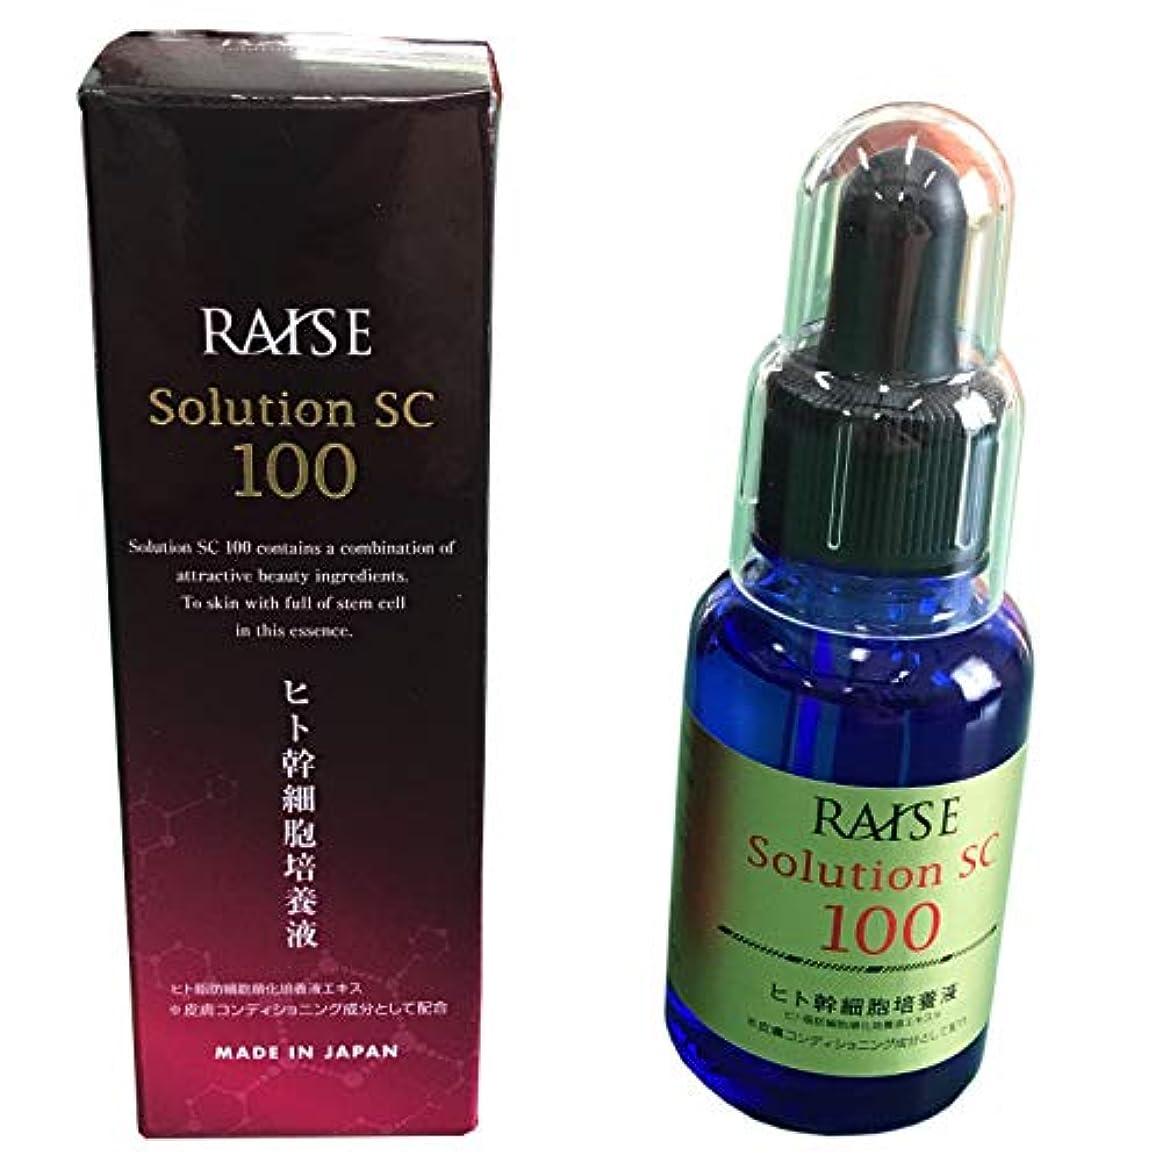 伝染性の悲観主義者上向きRAISE レイズ ソリューション SC100 美容液 30ml ヒト幹細胞 + 活性型 FGF RS-E